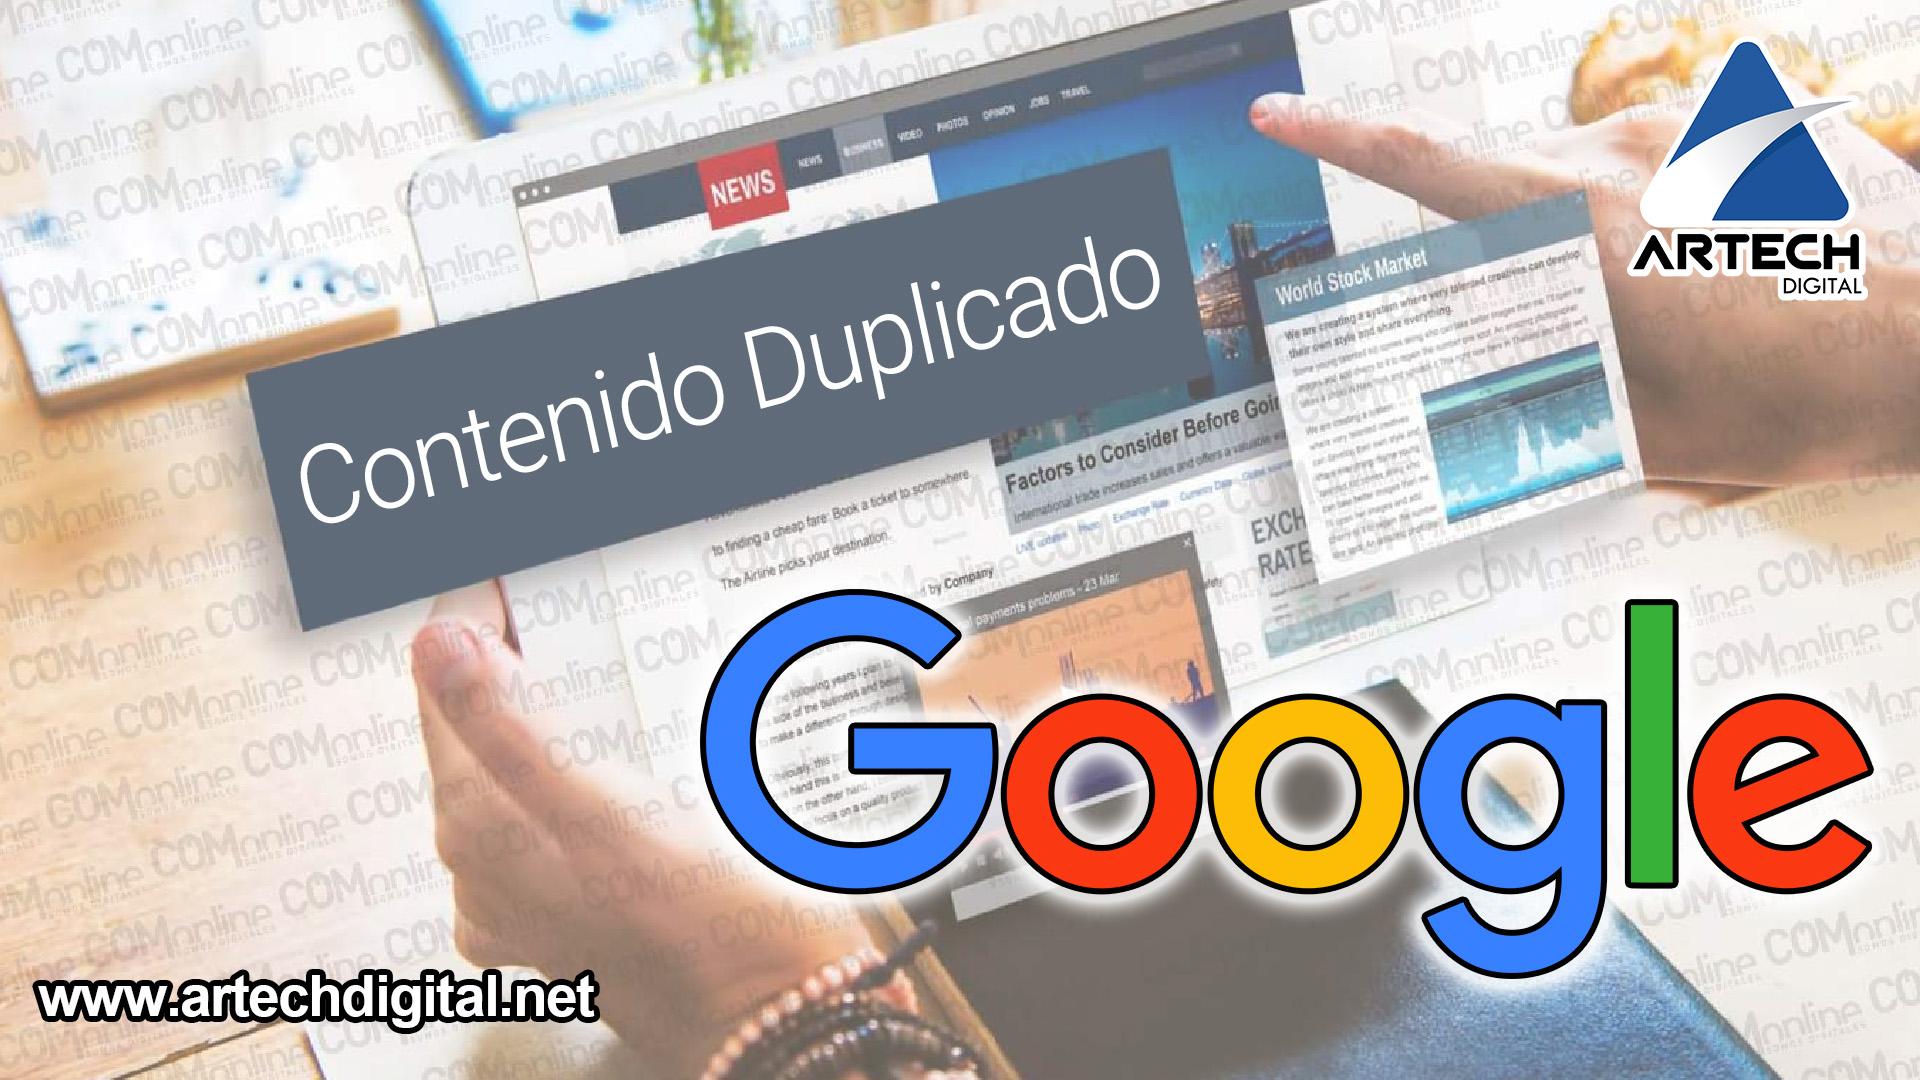 contenido-duplicado-web-seo - Artech Digital